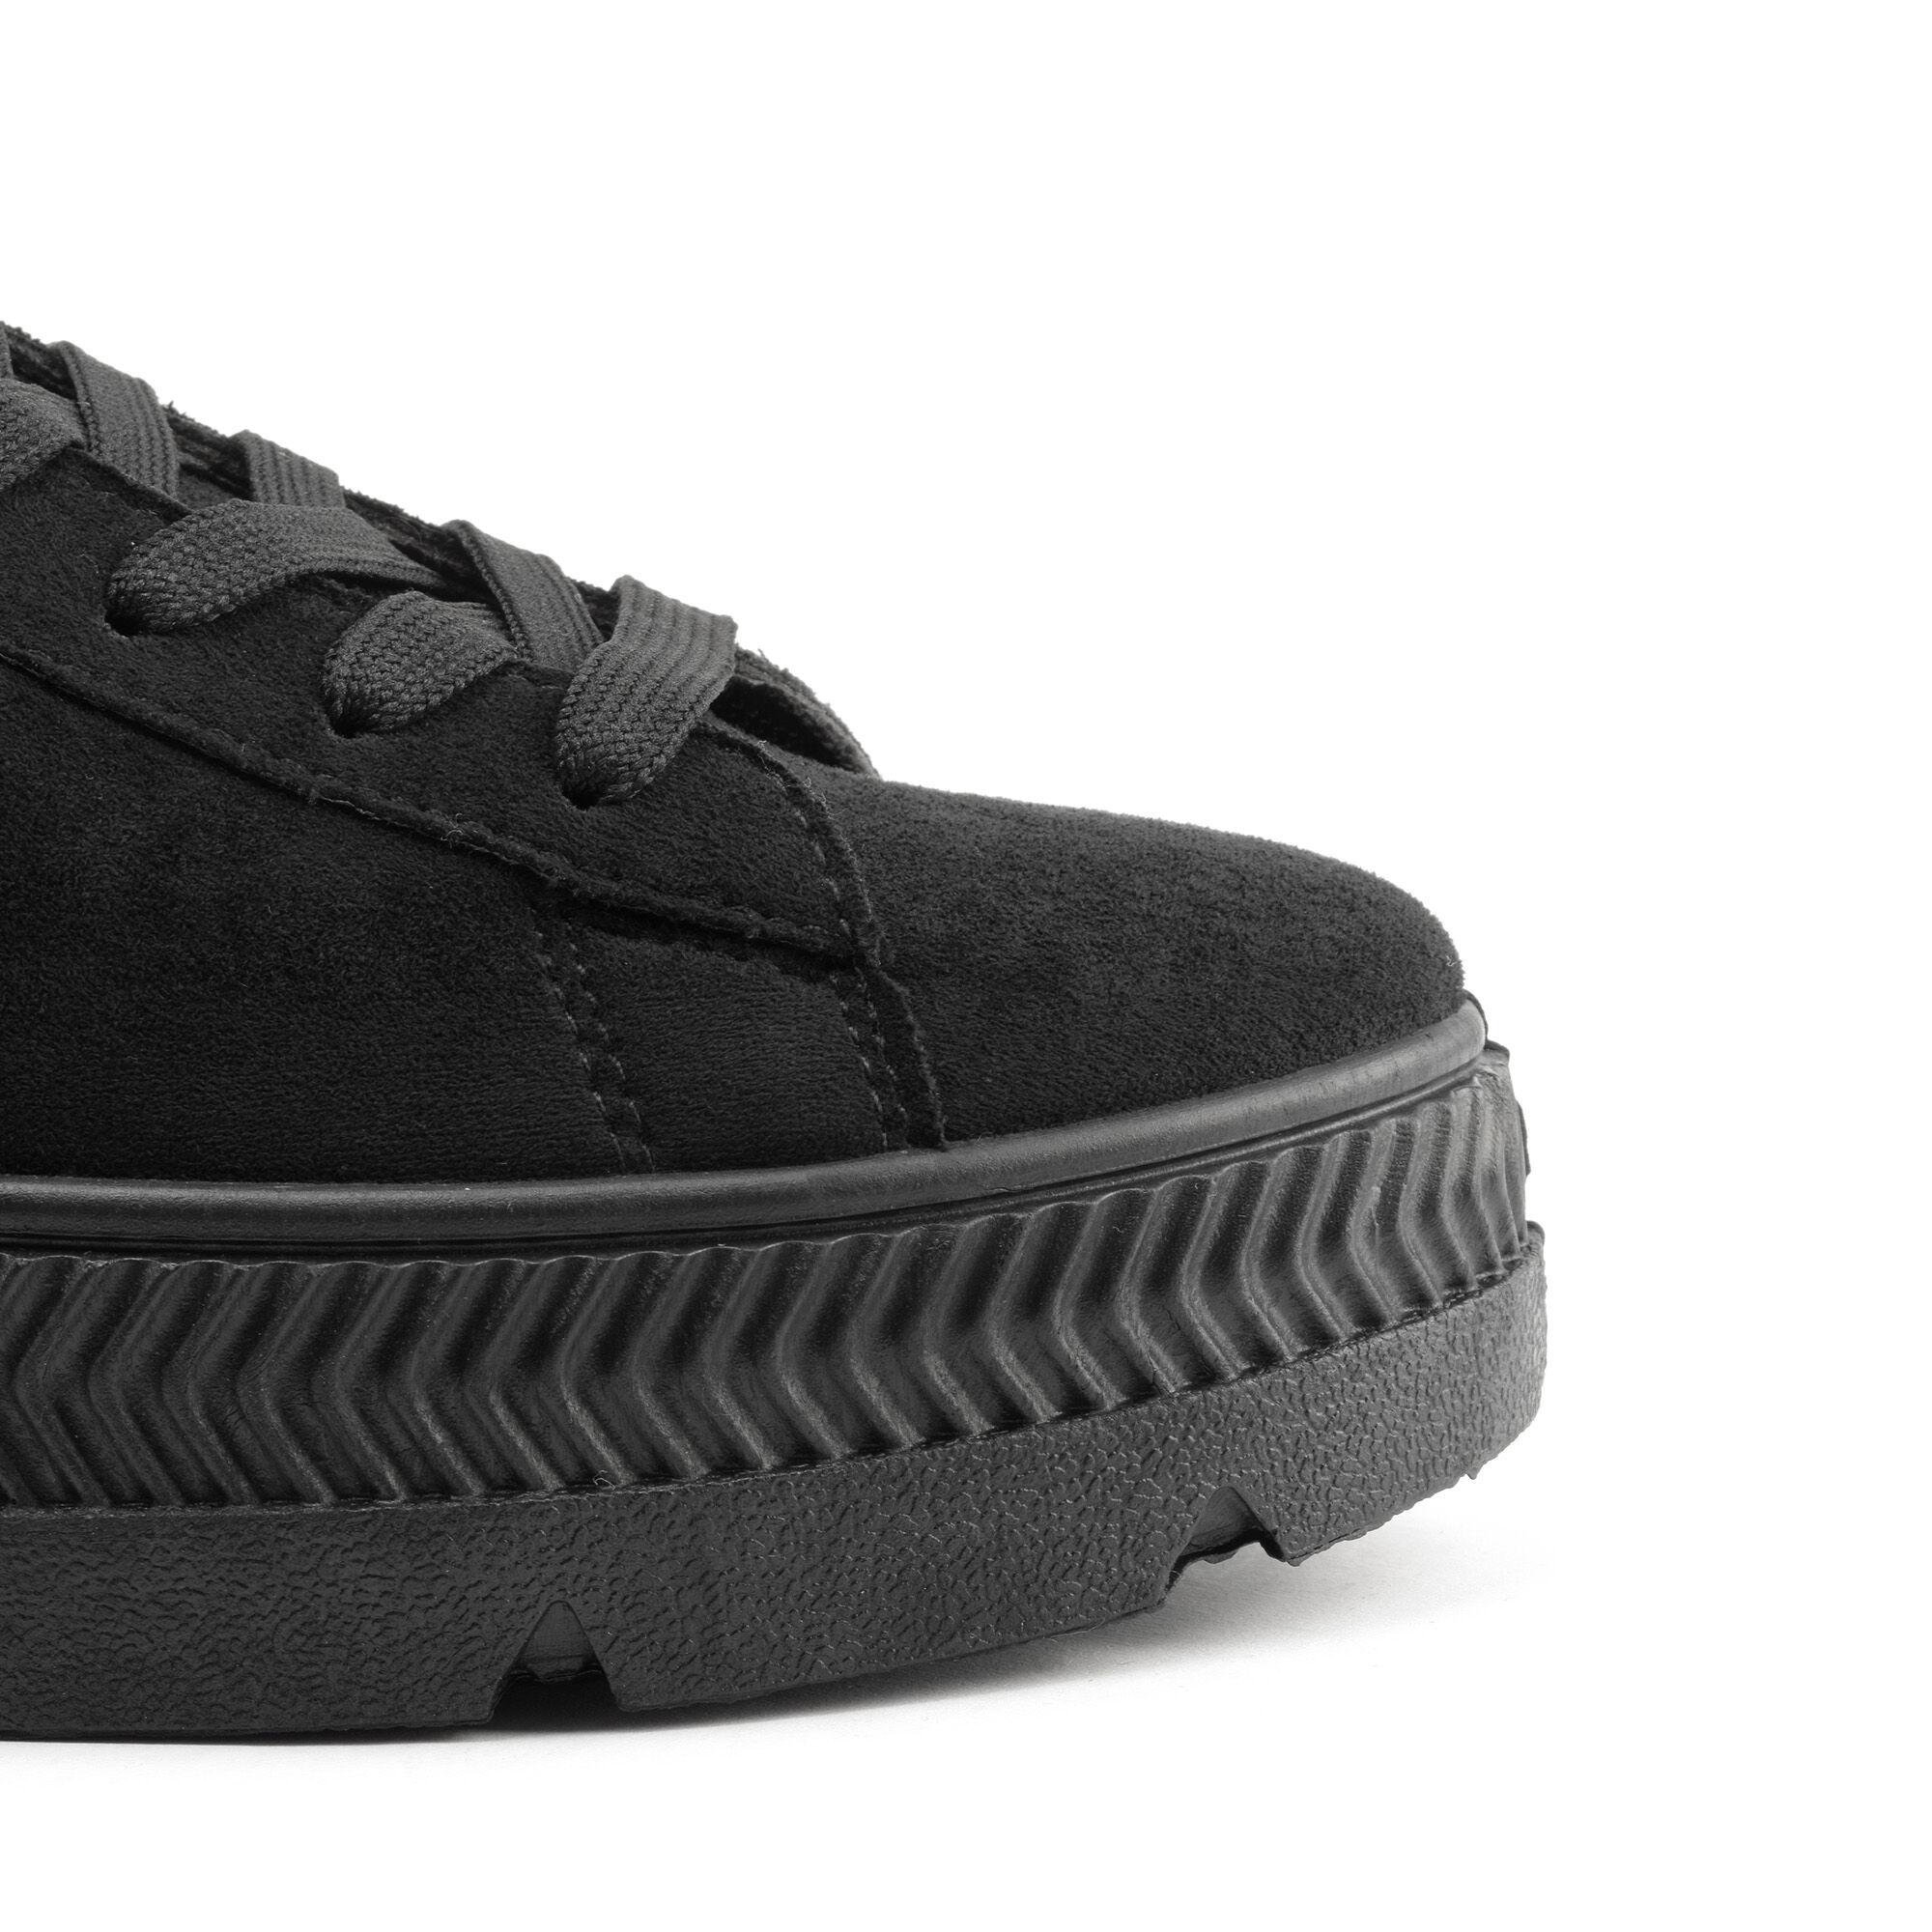 f5dafdde70f1 Női művelúr utcai cipő, mindennapi használatra. Kényelmes és megfelelő  tartást biztosít a lábadnak, hogy biztosan bírjad a napot.